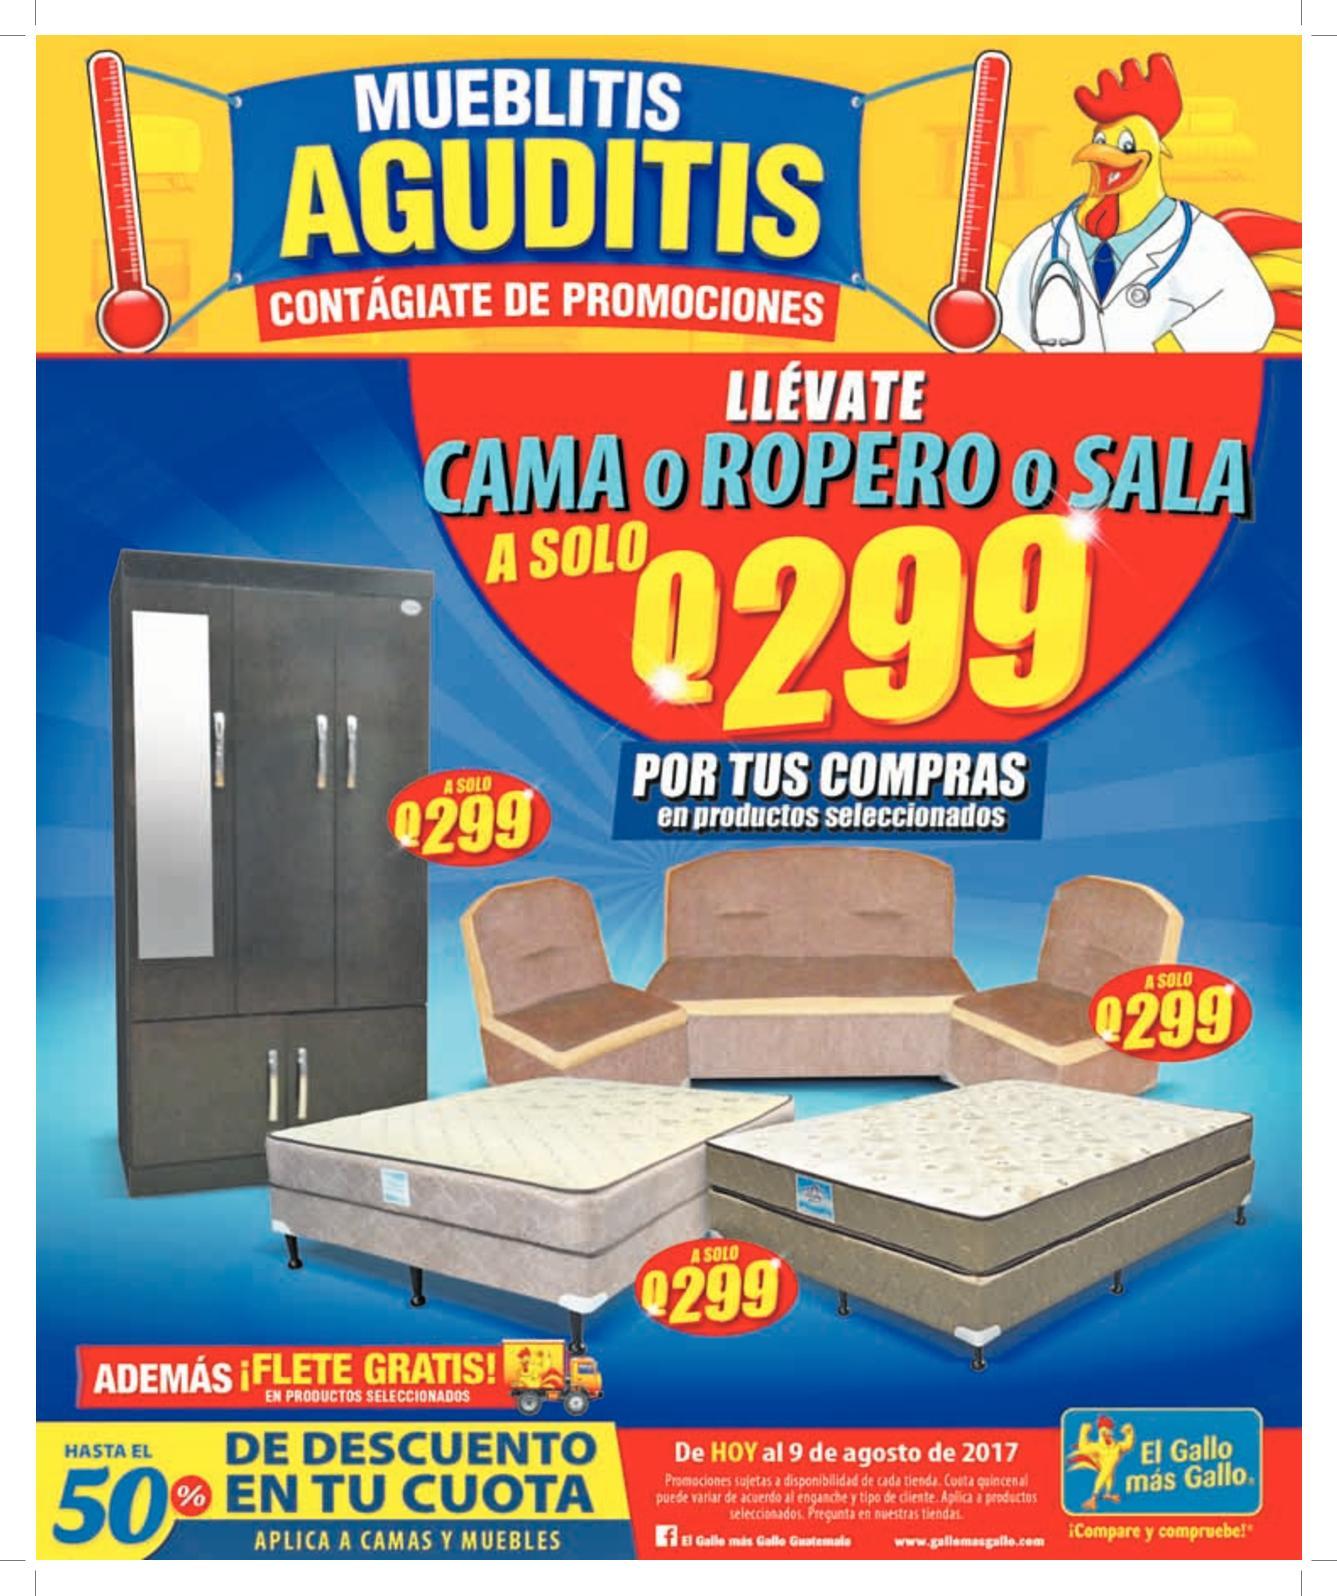 El Popular Guatemala 03082017 Calameo Downloader # Muebles Fiesta Metronorte